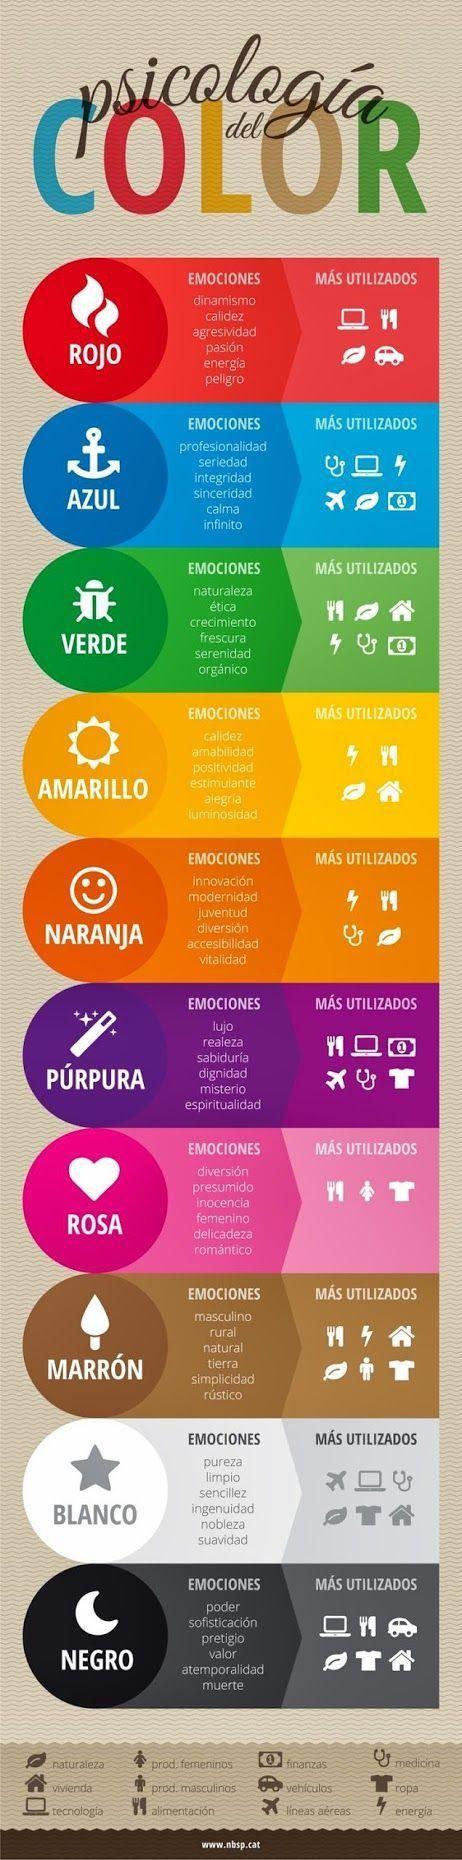 Psicologia de Color #Tic #Educación #infografia @alfredovela @JESUSMACEIRA @Manu___Velasco @aulaPlaneta @EnlanubeTIC @educacion_az SÍGUENOS